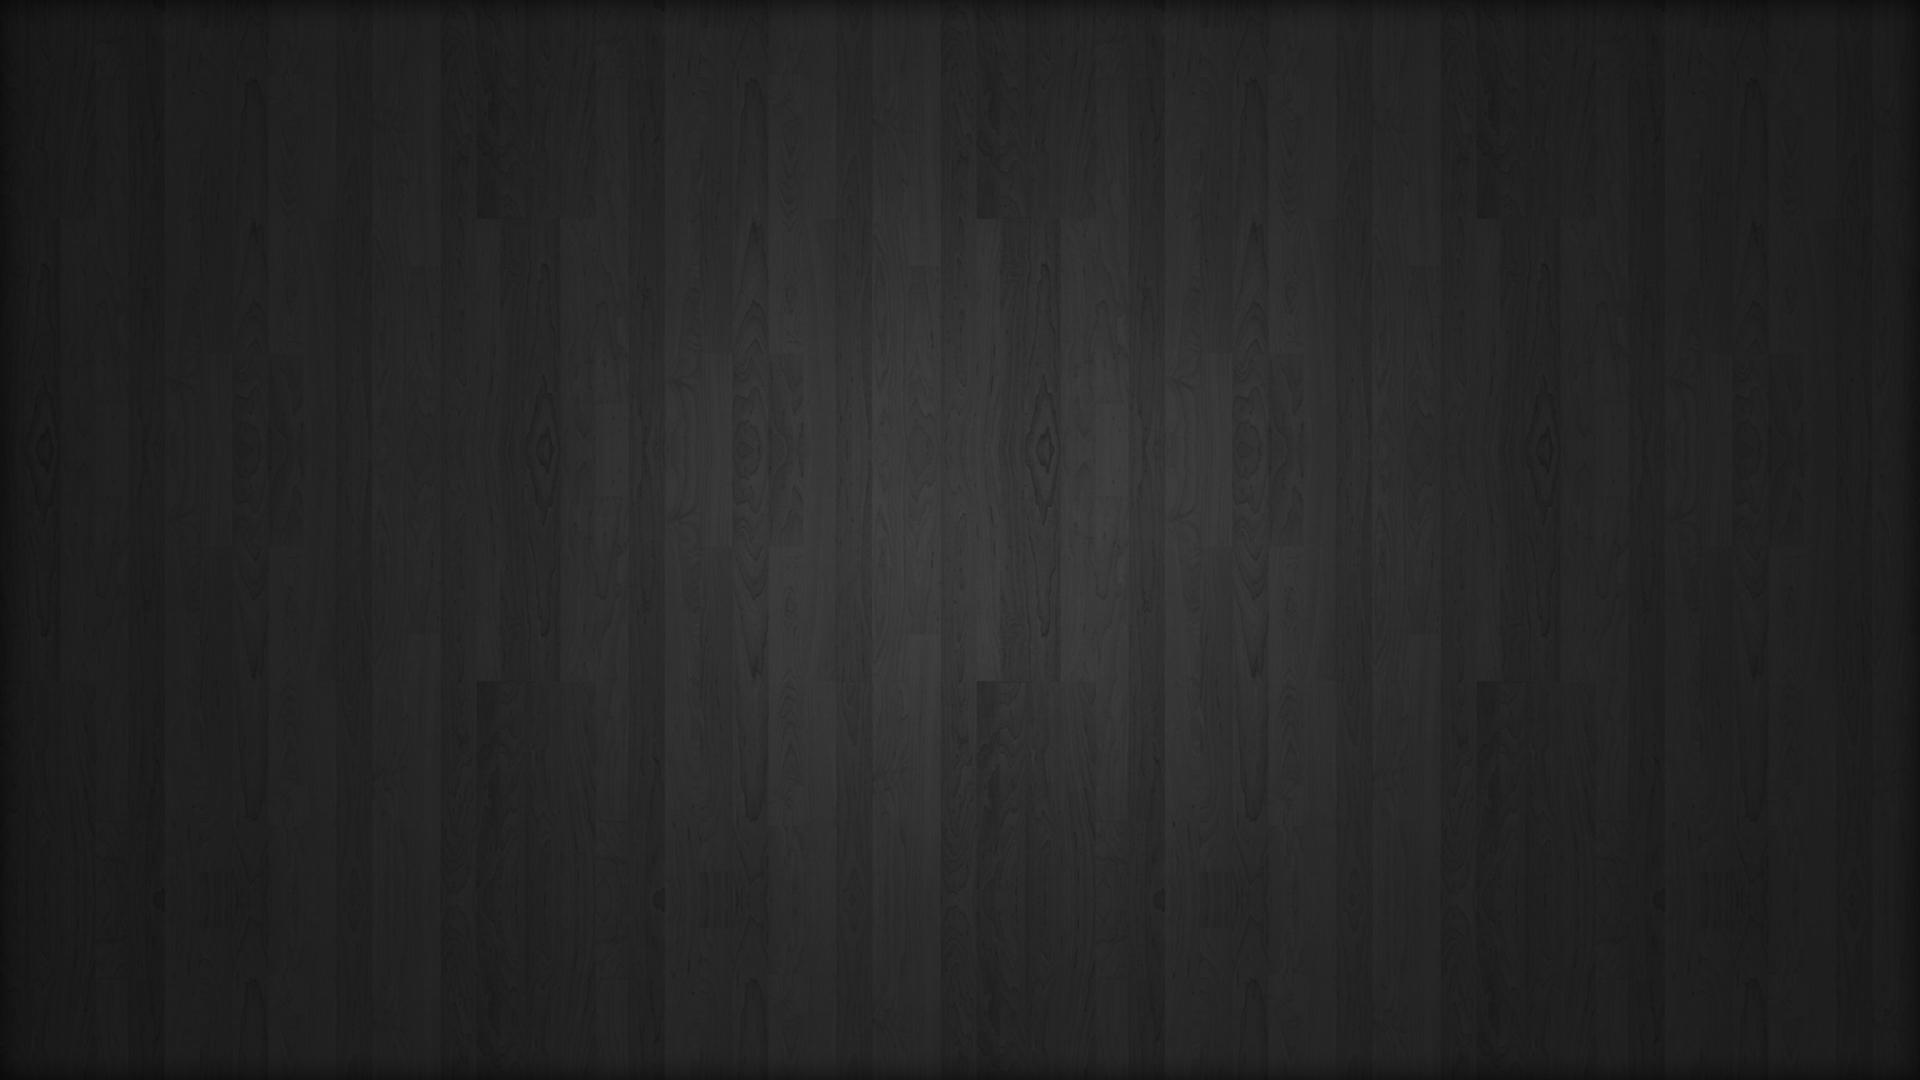 1920x1200 hd wallpaper dark wood - photo #12